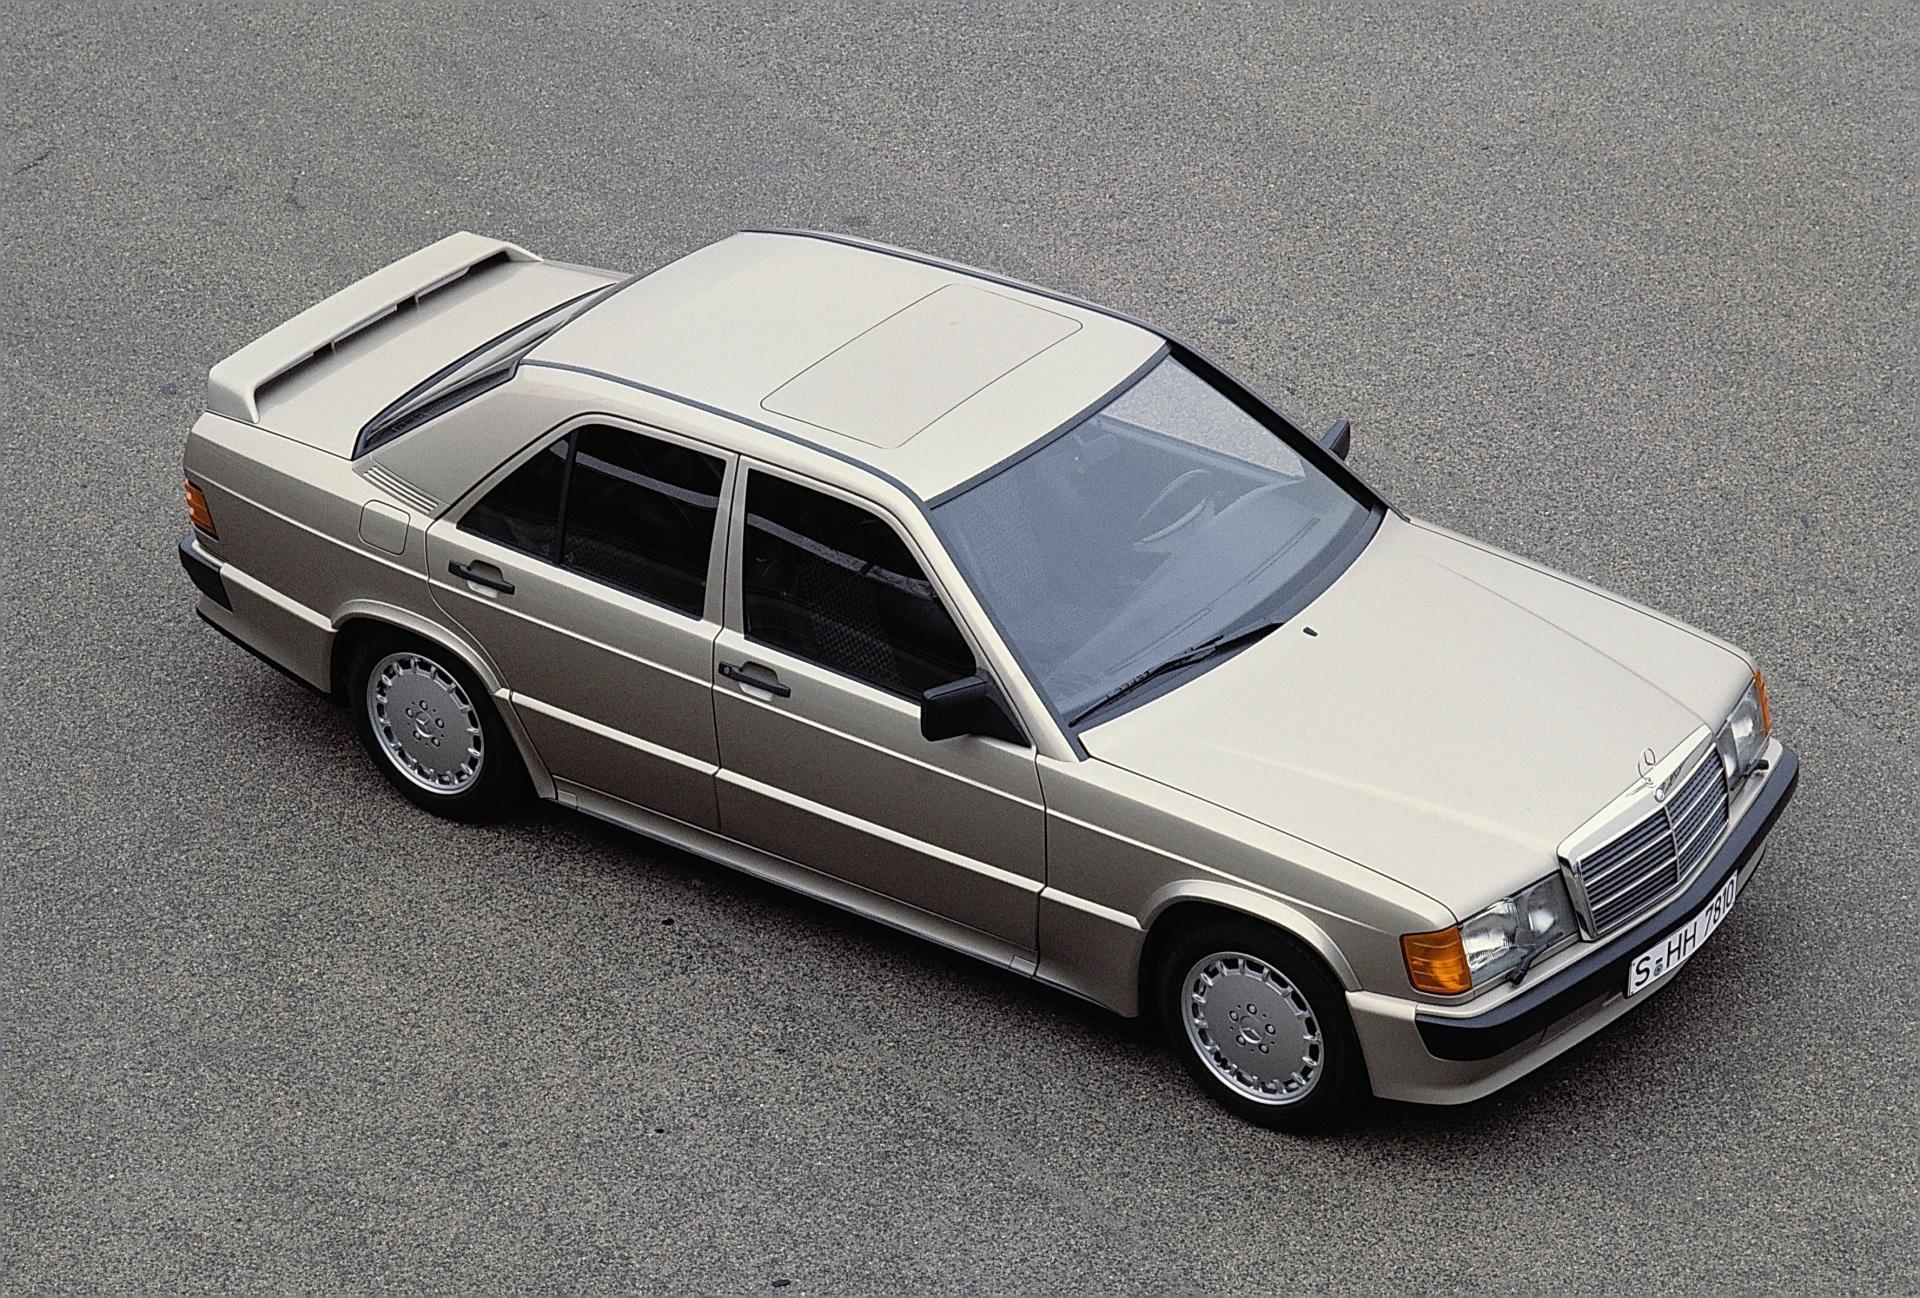 Mercedes coches precios y noticias de la marca for Mercedes benz modelos